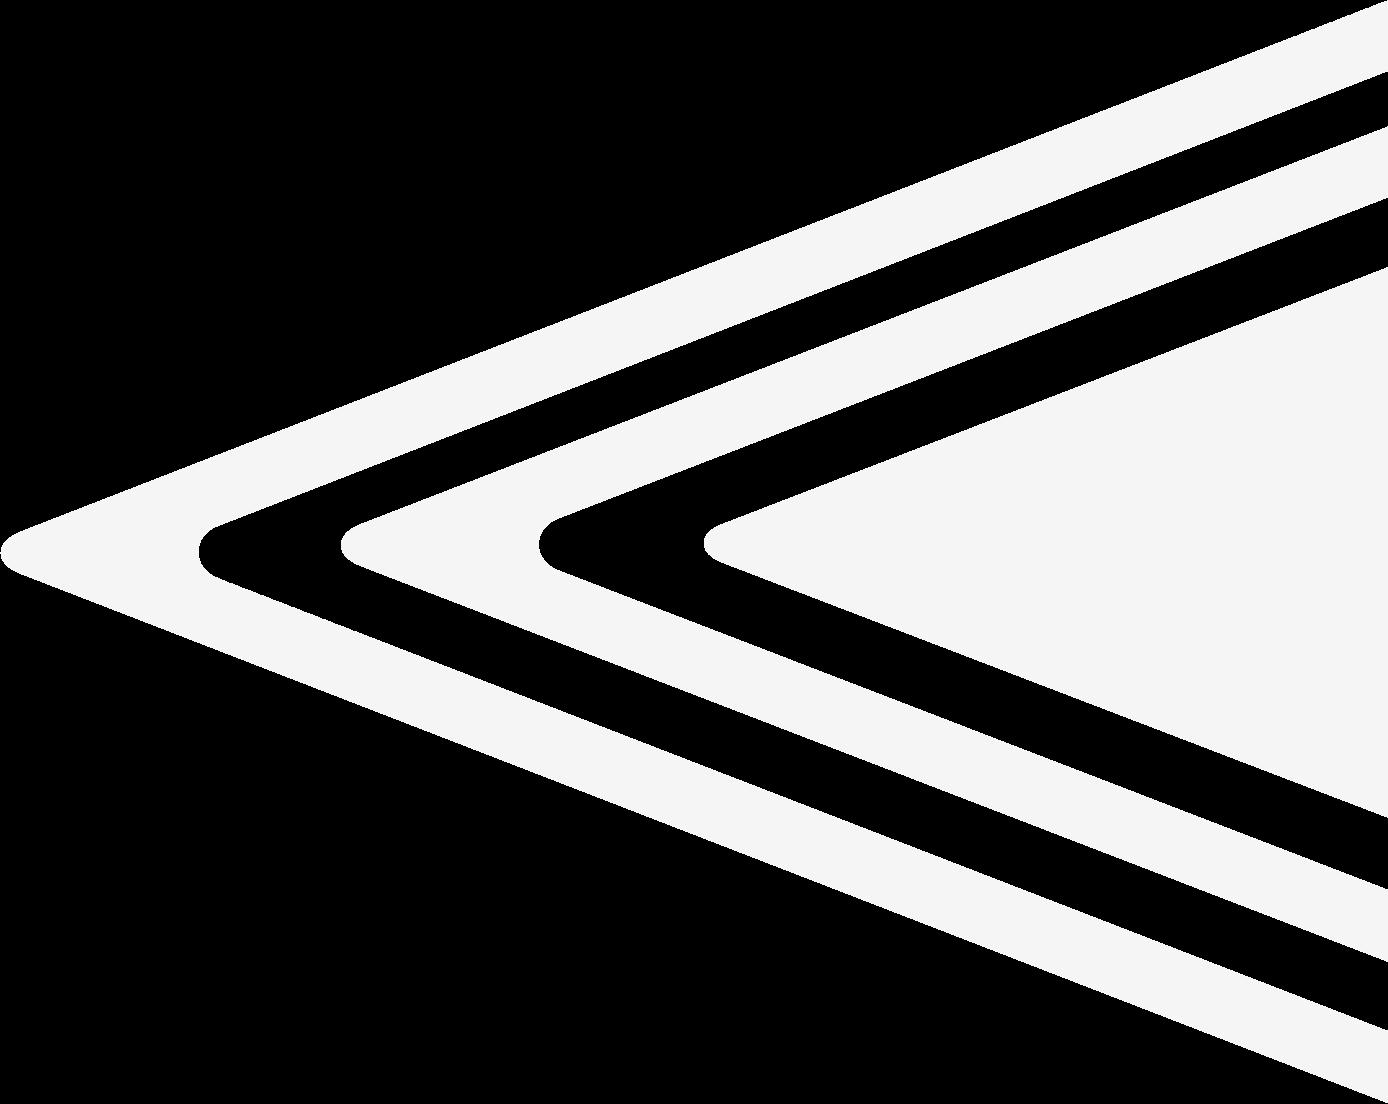 grey background arrow